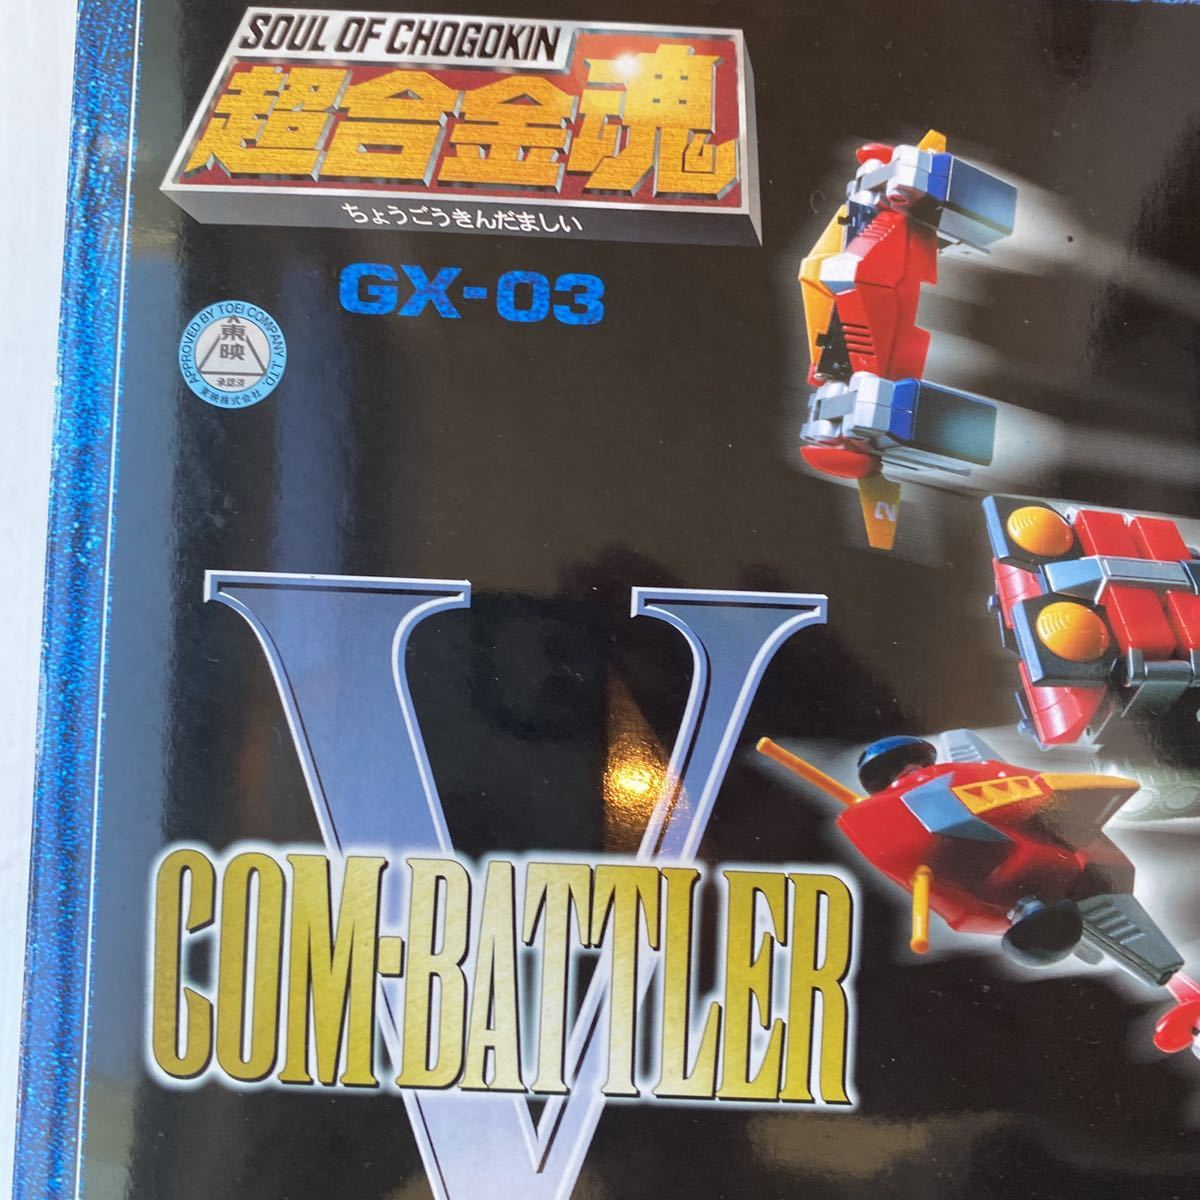 新品未開封 超合金魂 GX-03 コンバトラーV レア_画像2